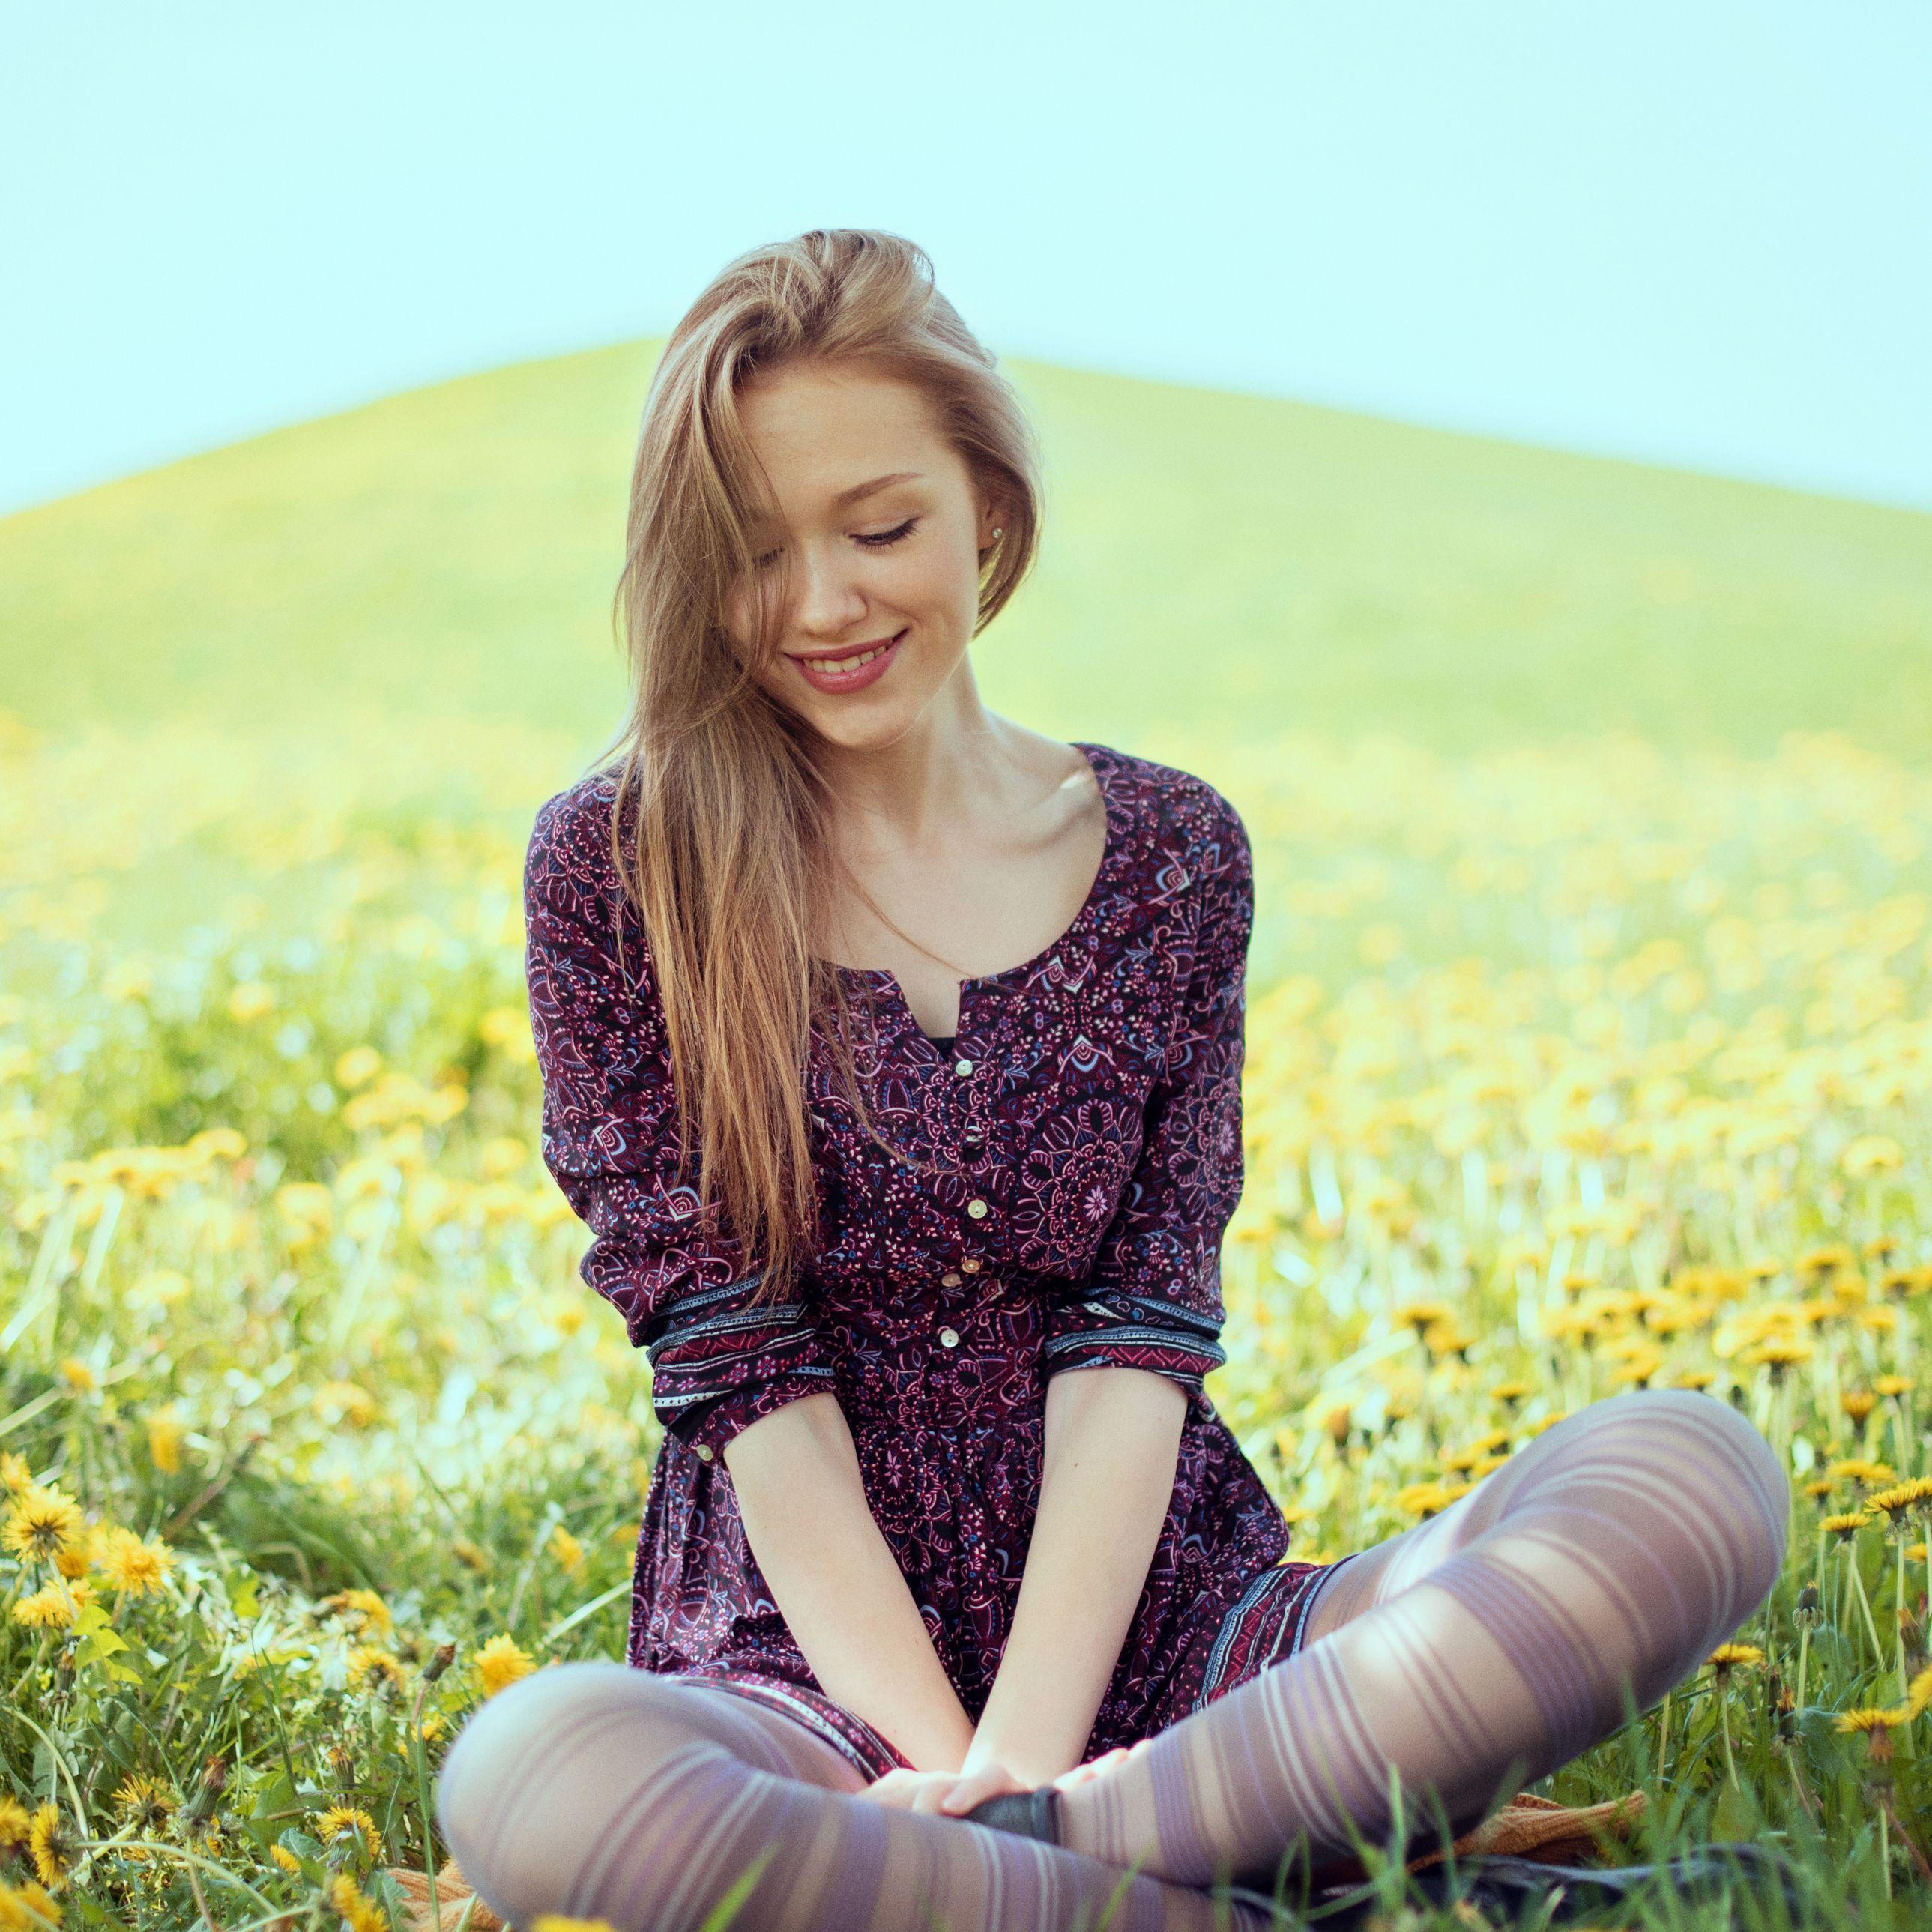 5 Common LSD Myths Debunked